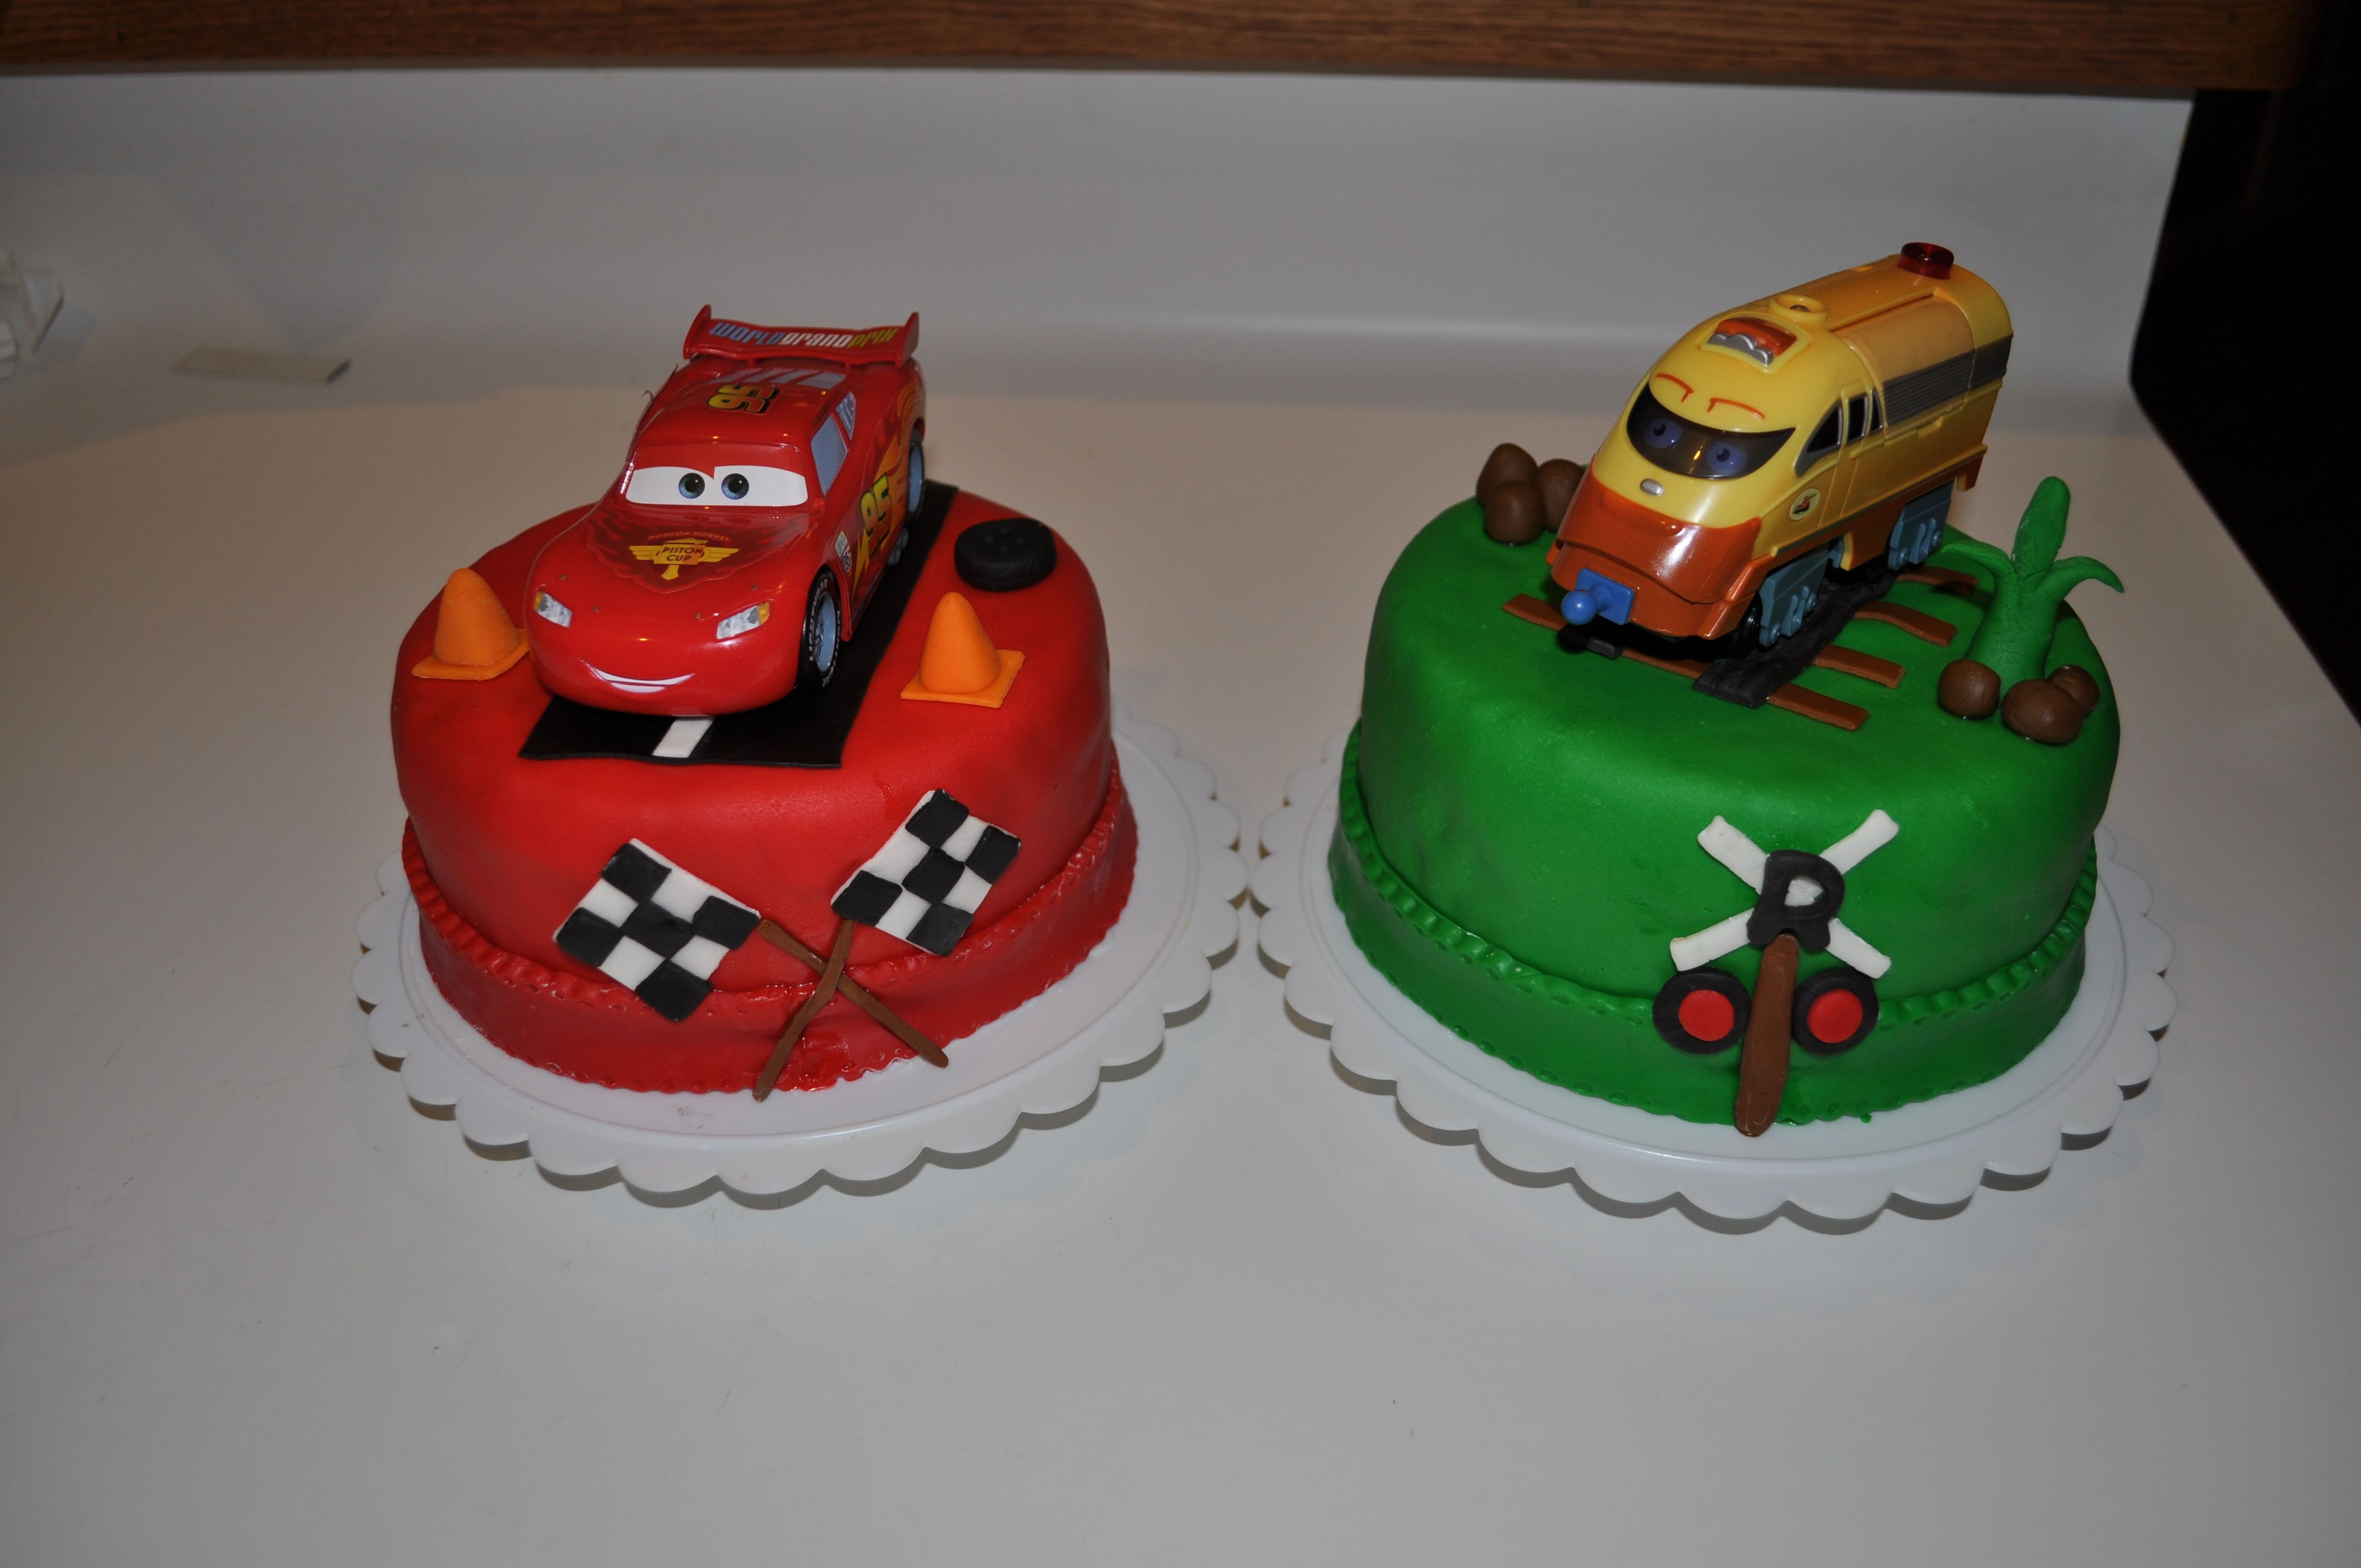 Lighting Mcqueen Chuggington Chugger twins boys bday cakes Made